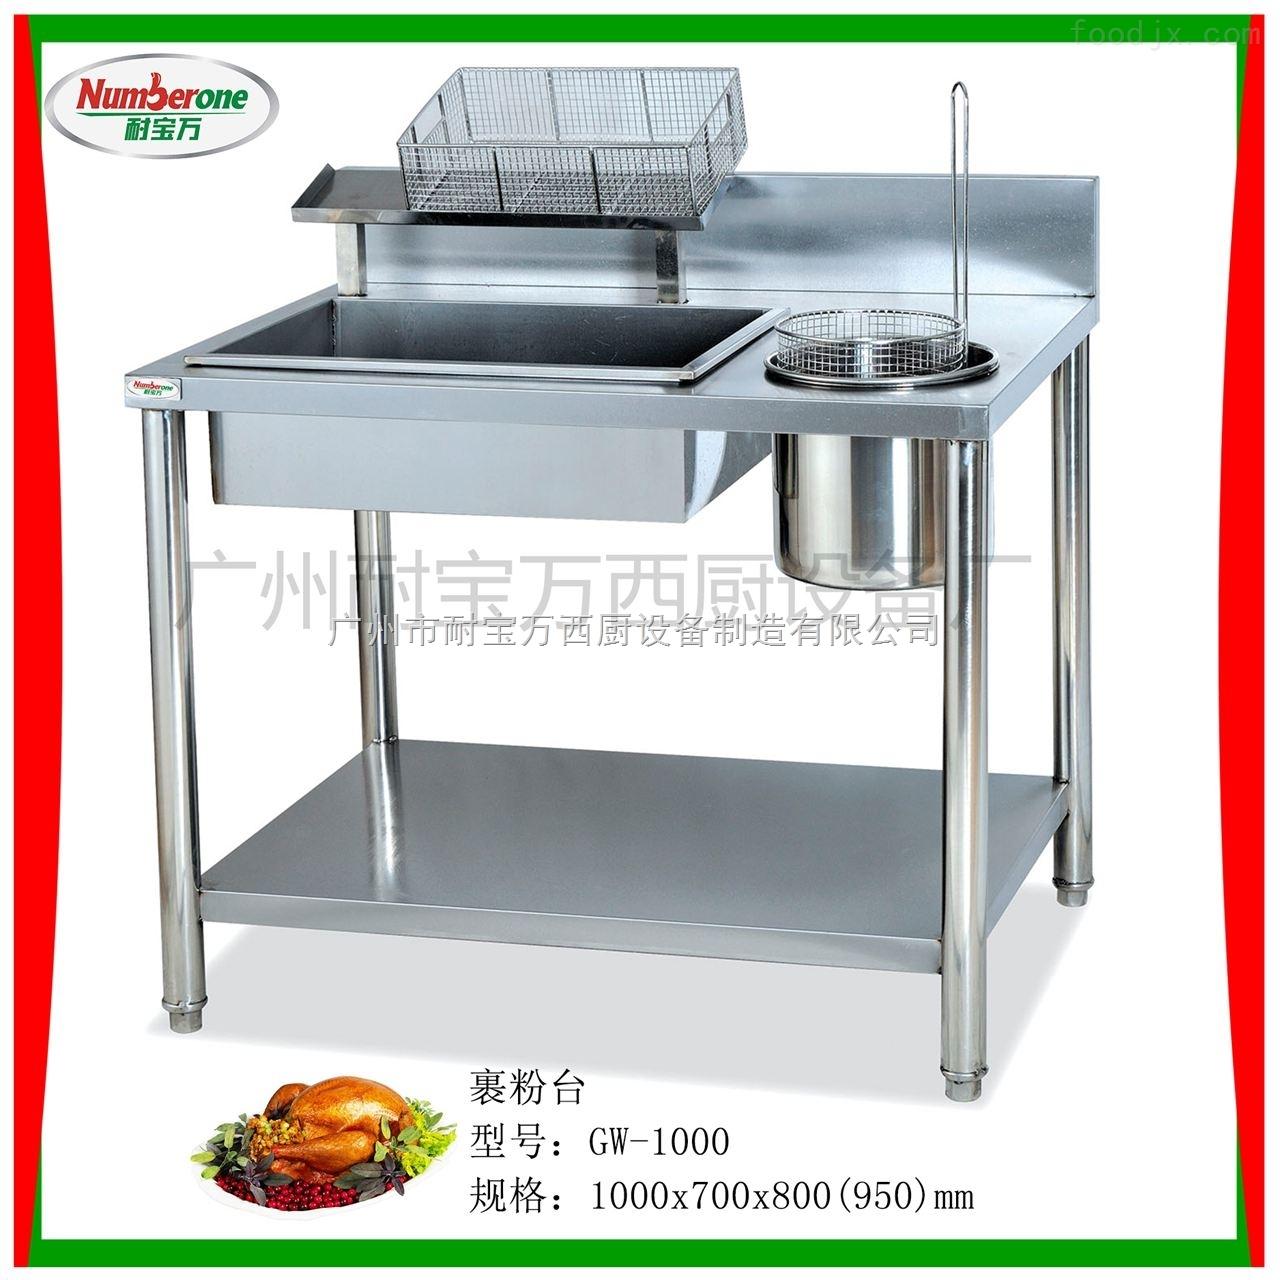 裹粉台/腌制机/炸炉/陈列保温柜/西式快餐设备/西厨设备厂